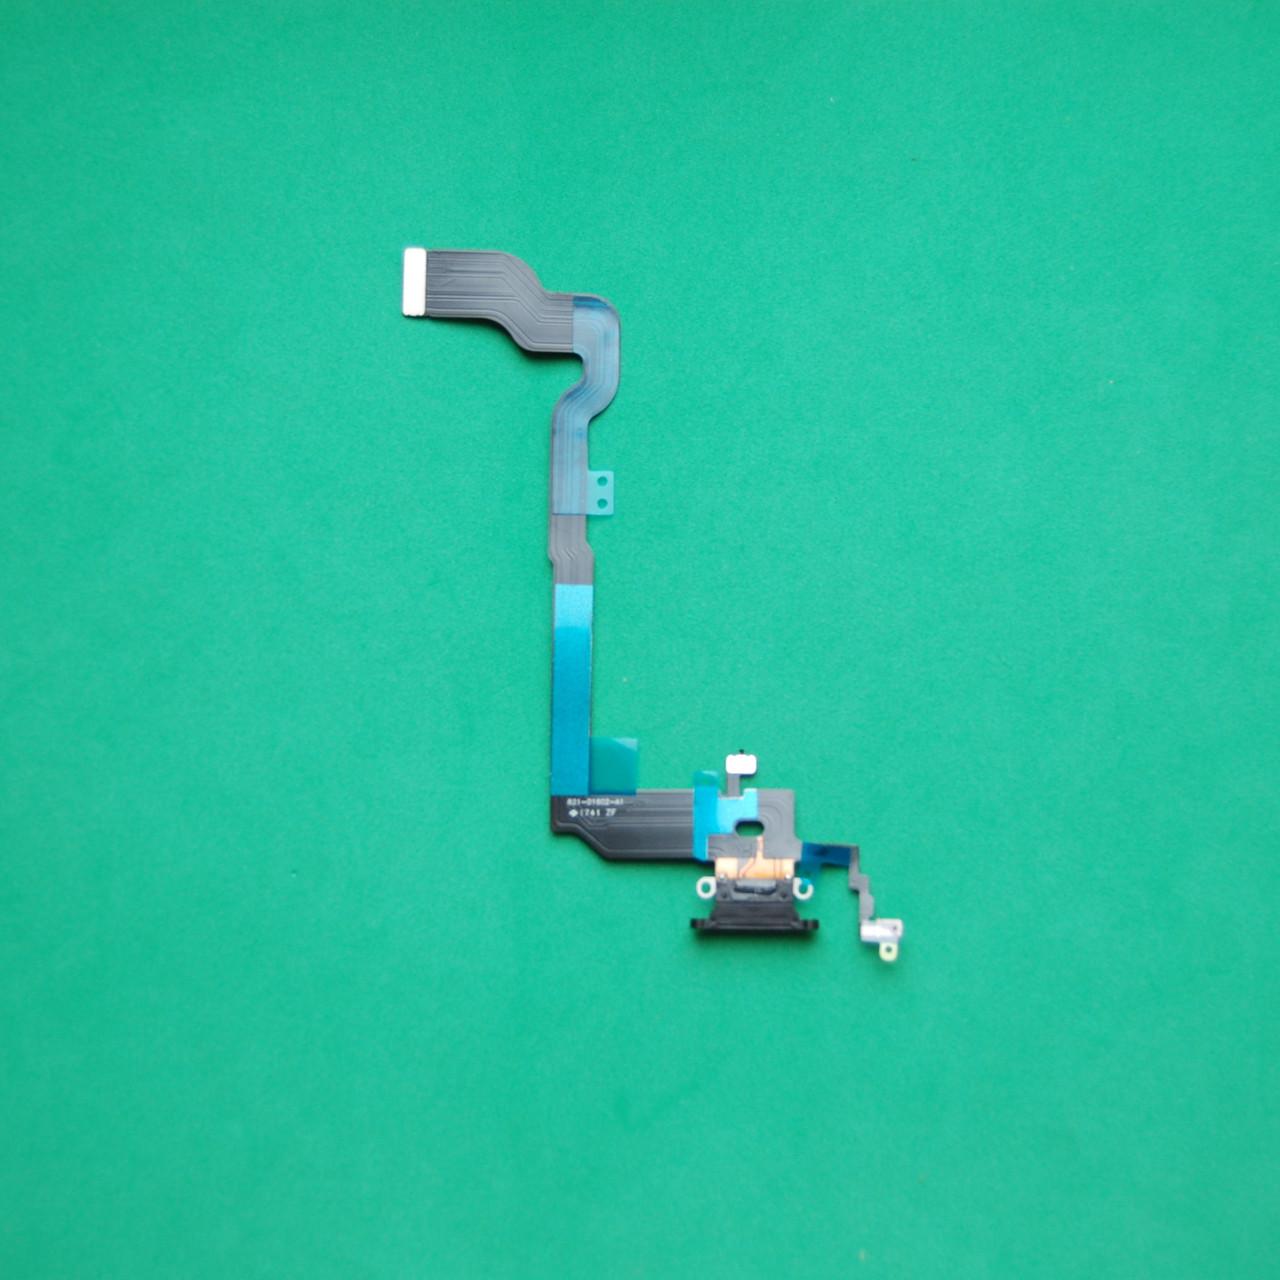 Шлейф Apple iPhone X коннектора наушников, коннектора зарядки Black